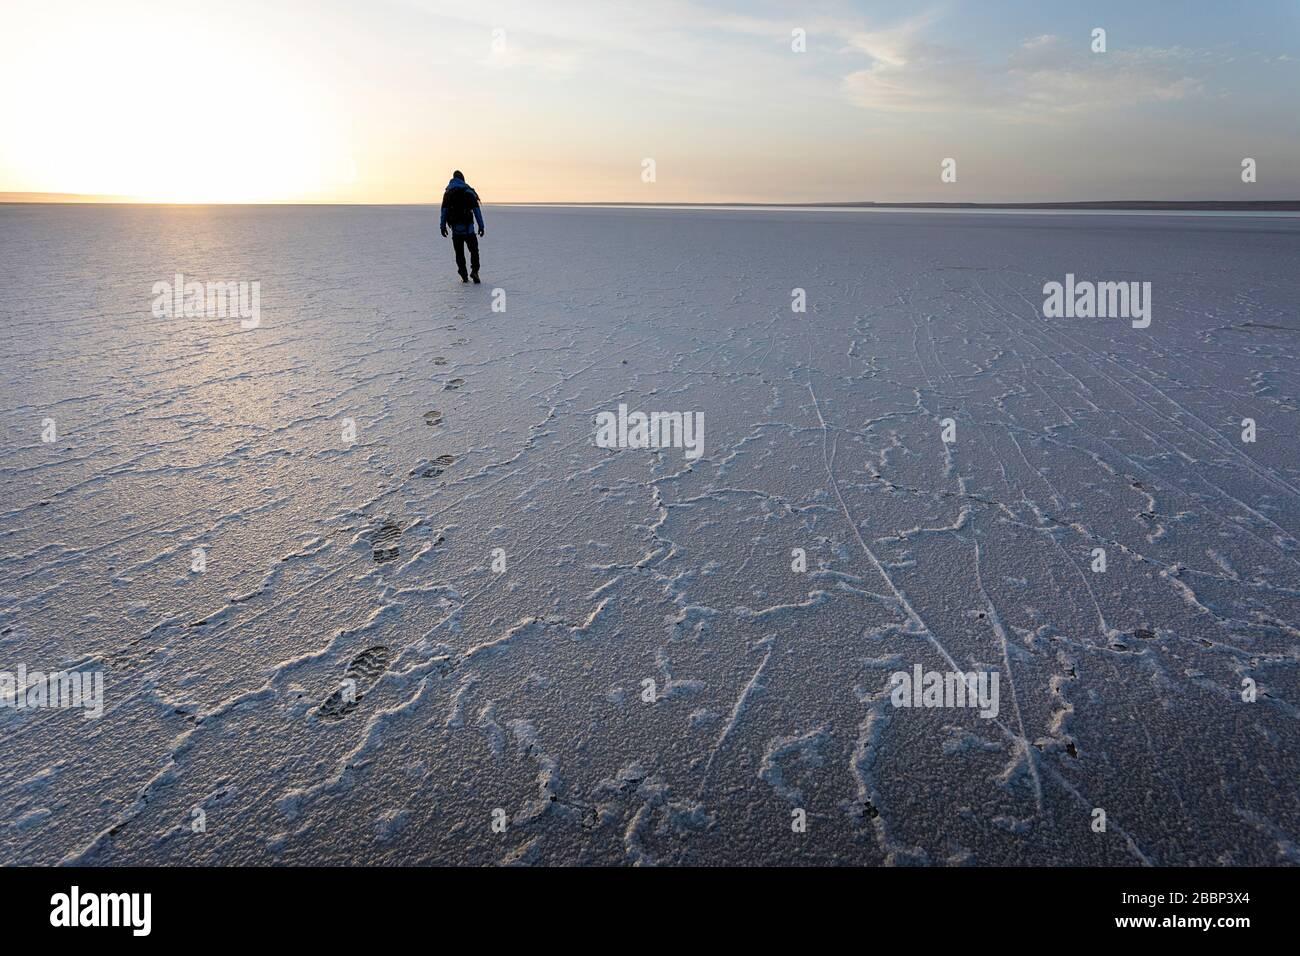 Hombre caminando sobre terreno salado, huellas de pies leaveng en el espectacular paisaje del lago salado de Tuzbair, Aktau, Mangystau, Kazajstán, Foto de stock